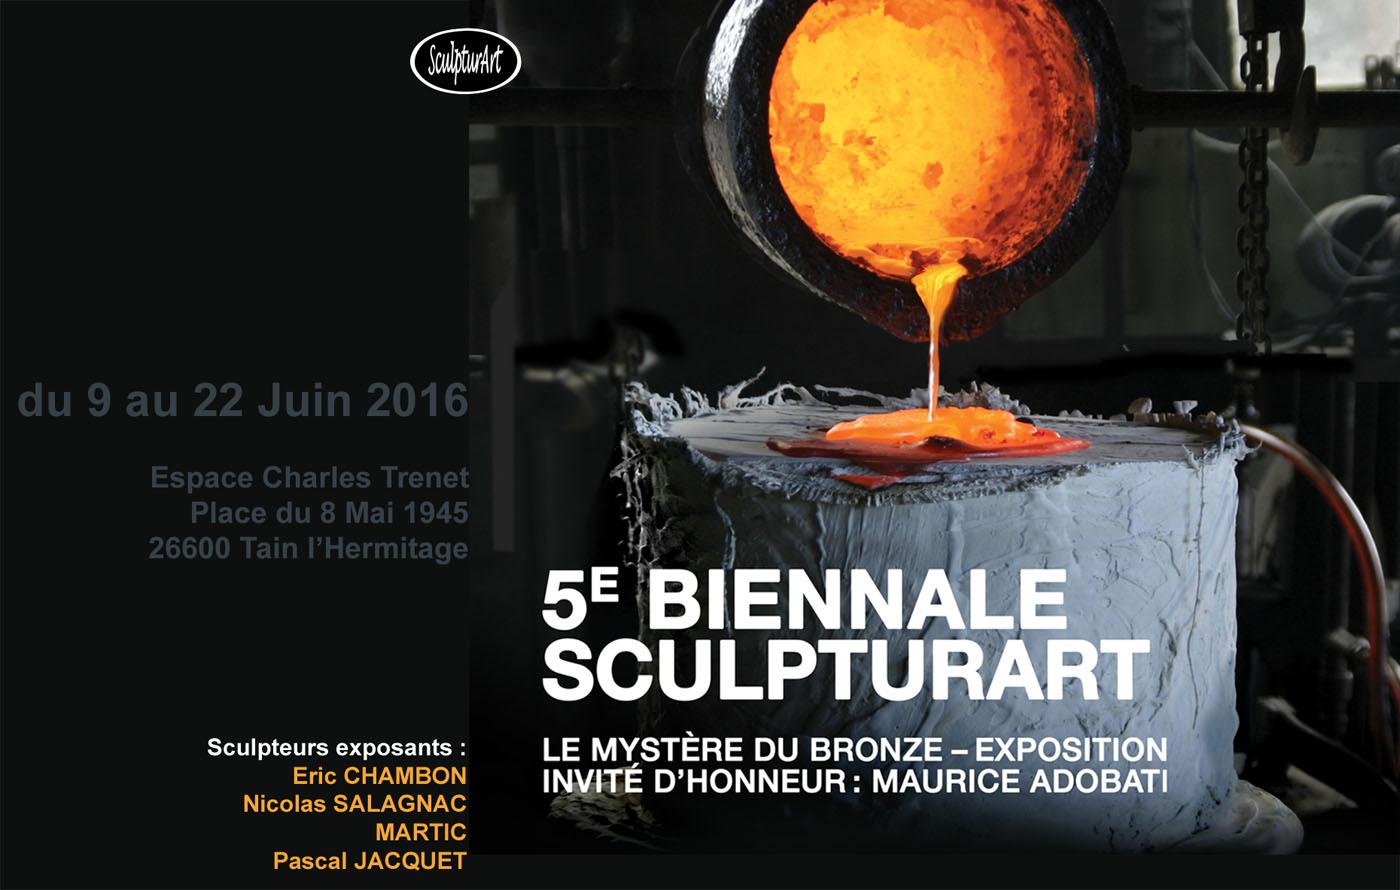 sculptur'art_2016_Adobati_Chambon_Salagnac_Martic_Jacquet